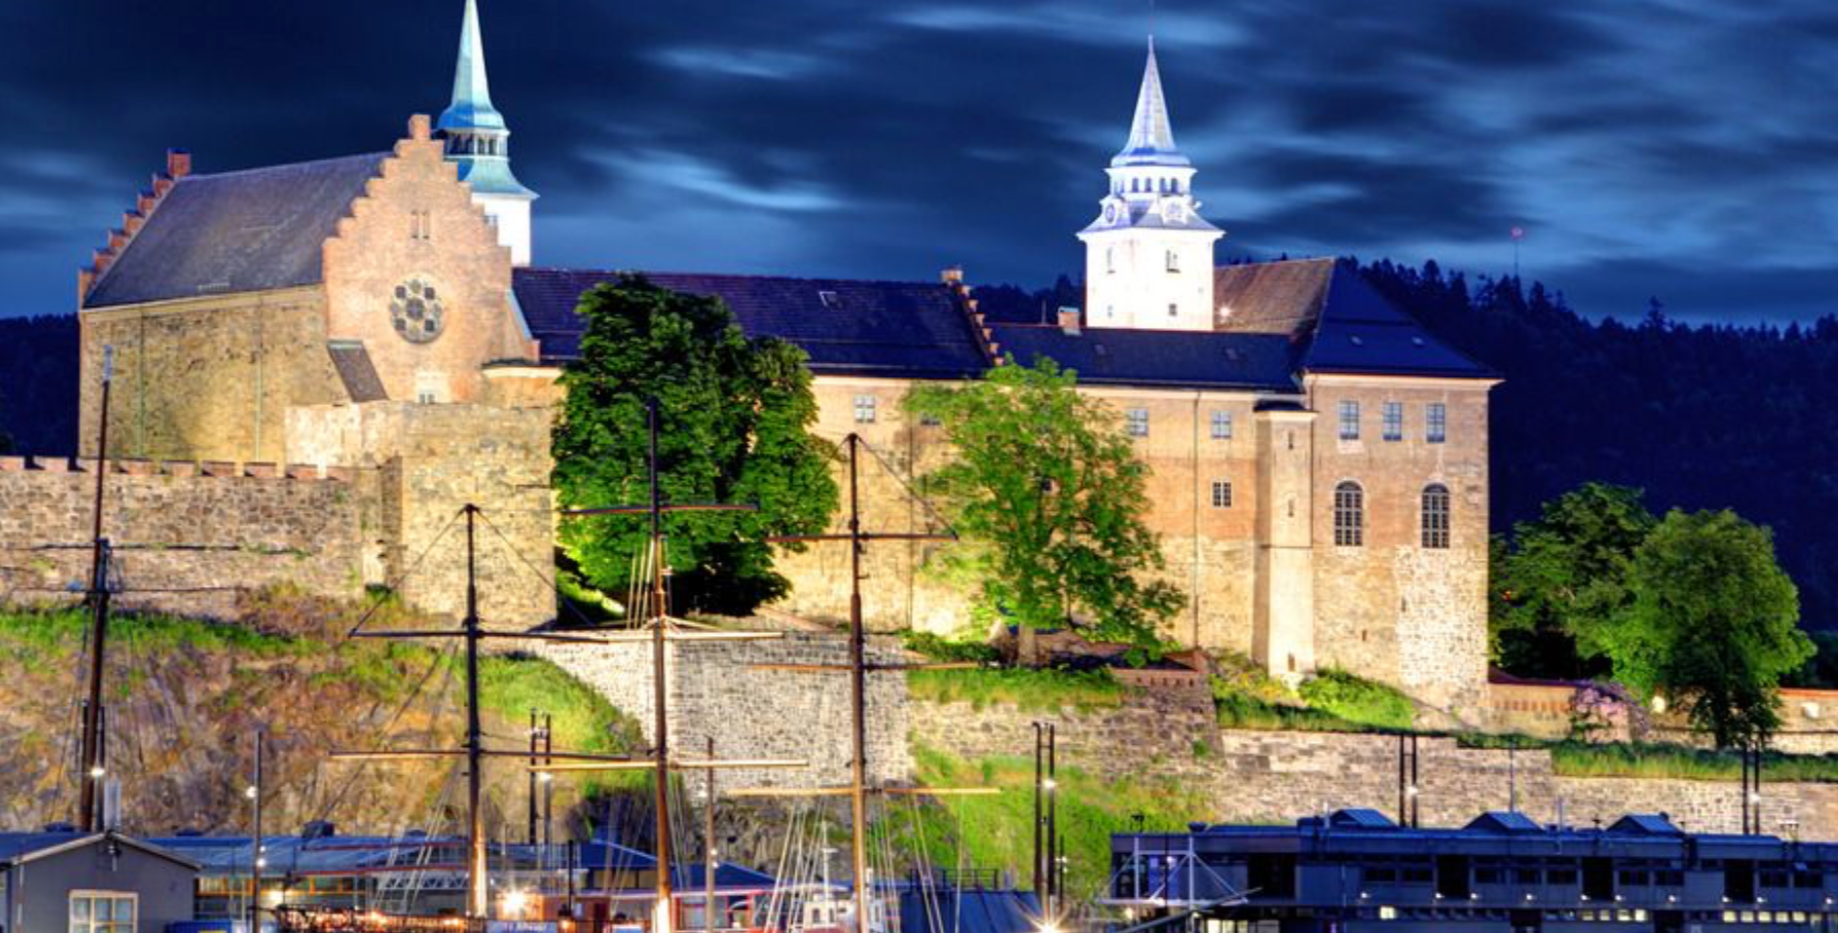 Skjermbilde 2019-01-24 kl. 15.05.59.png